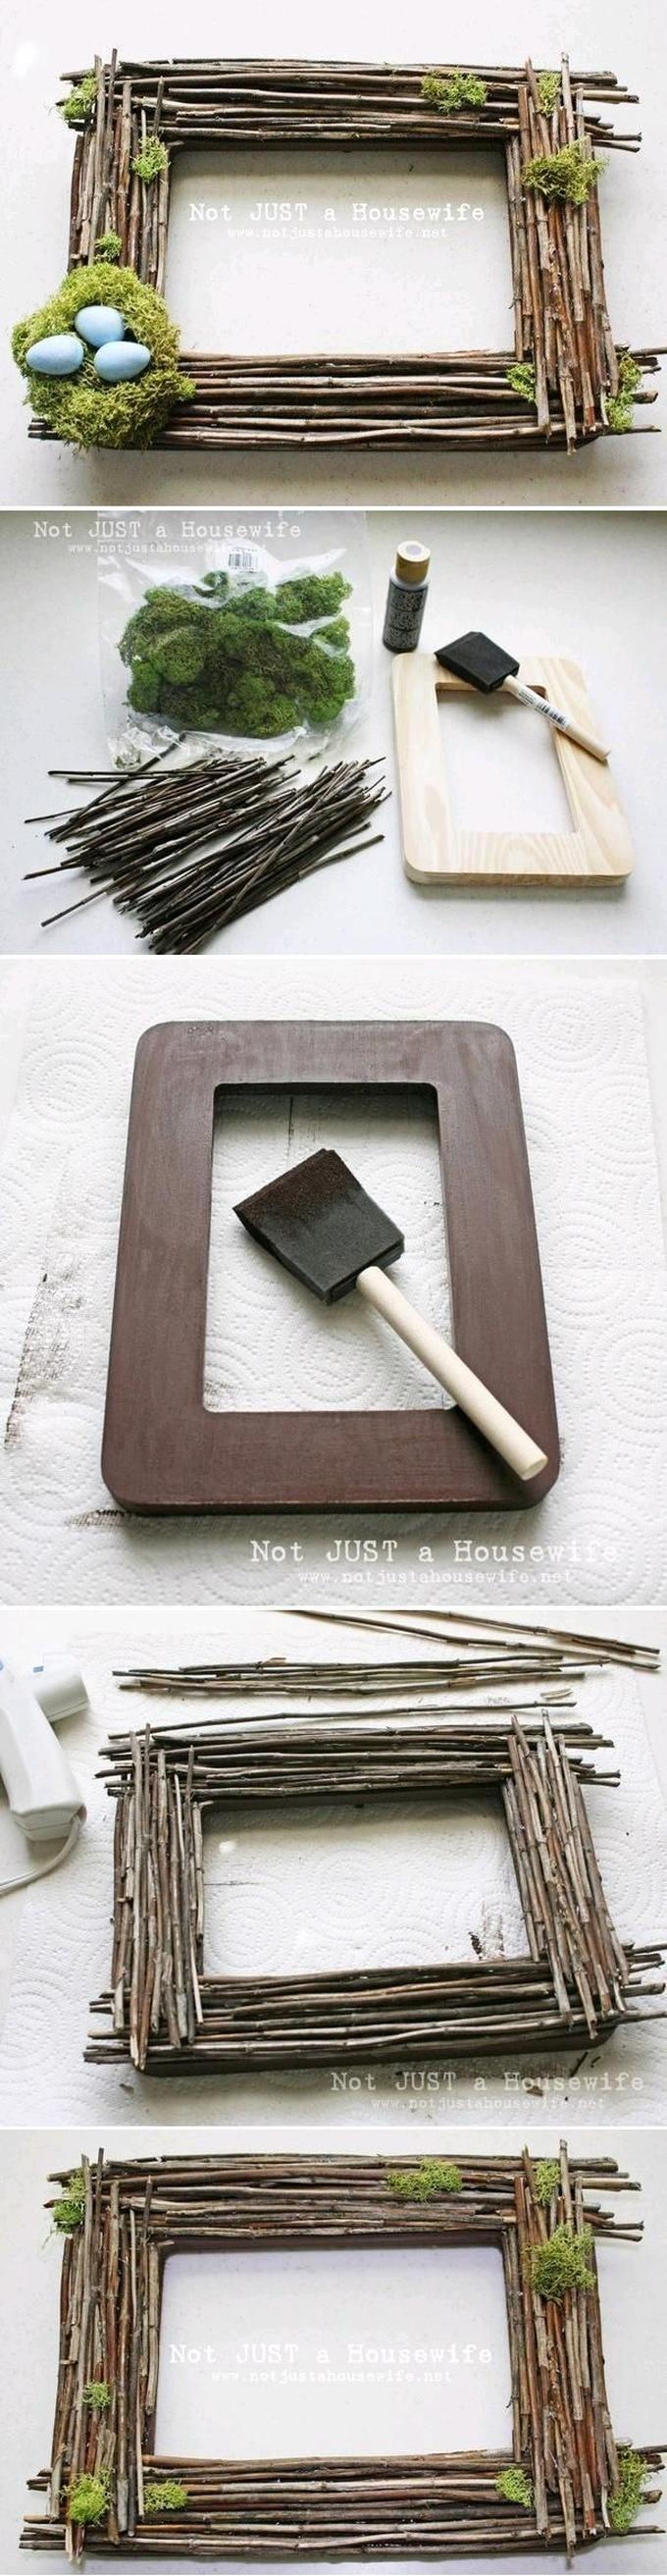 die 25 besten ideen zu bilderrahmen basteln auf pinterest. Black Bedroom Furniture Sets. Home Design Ideas